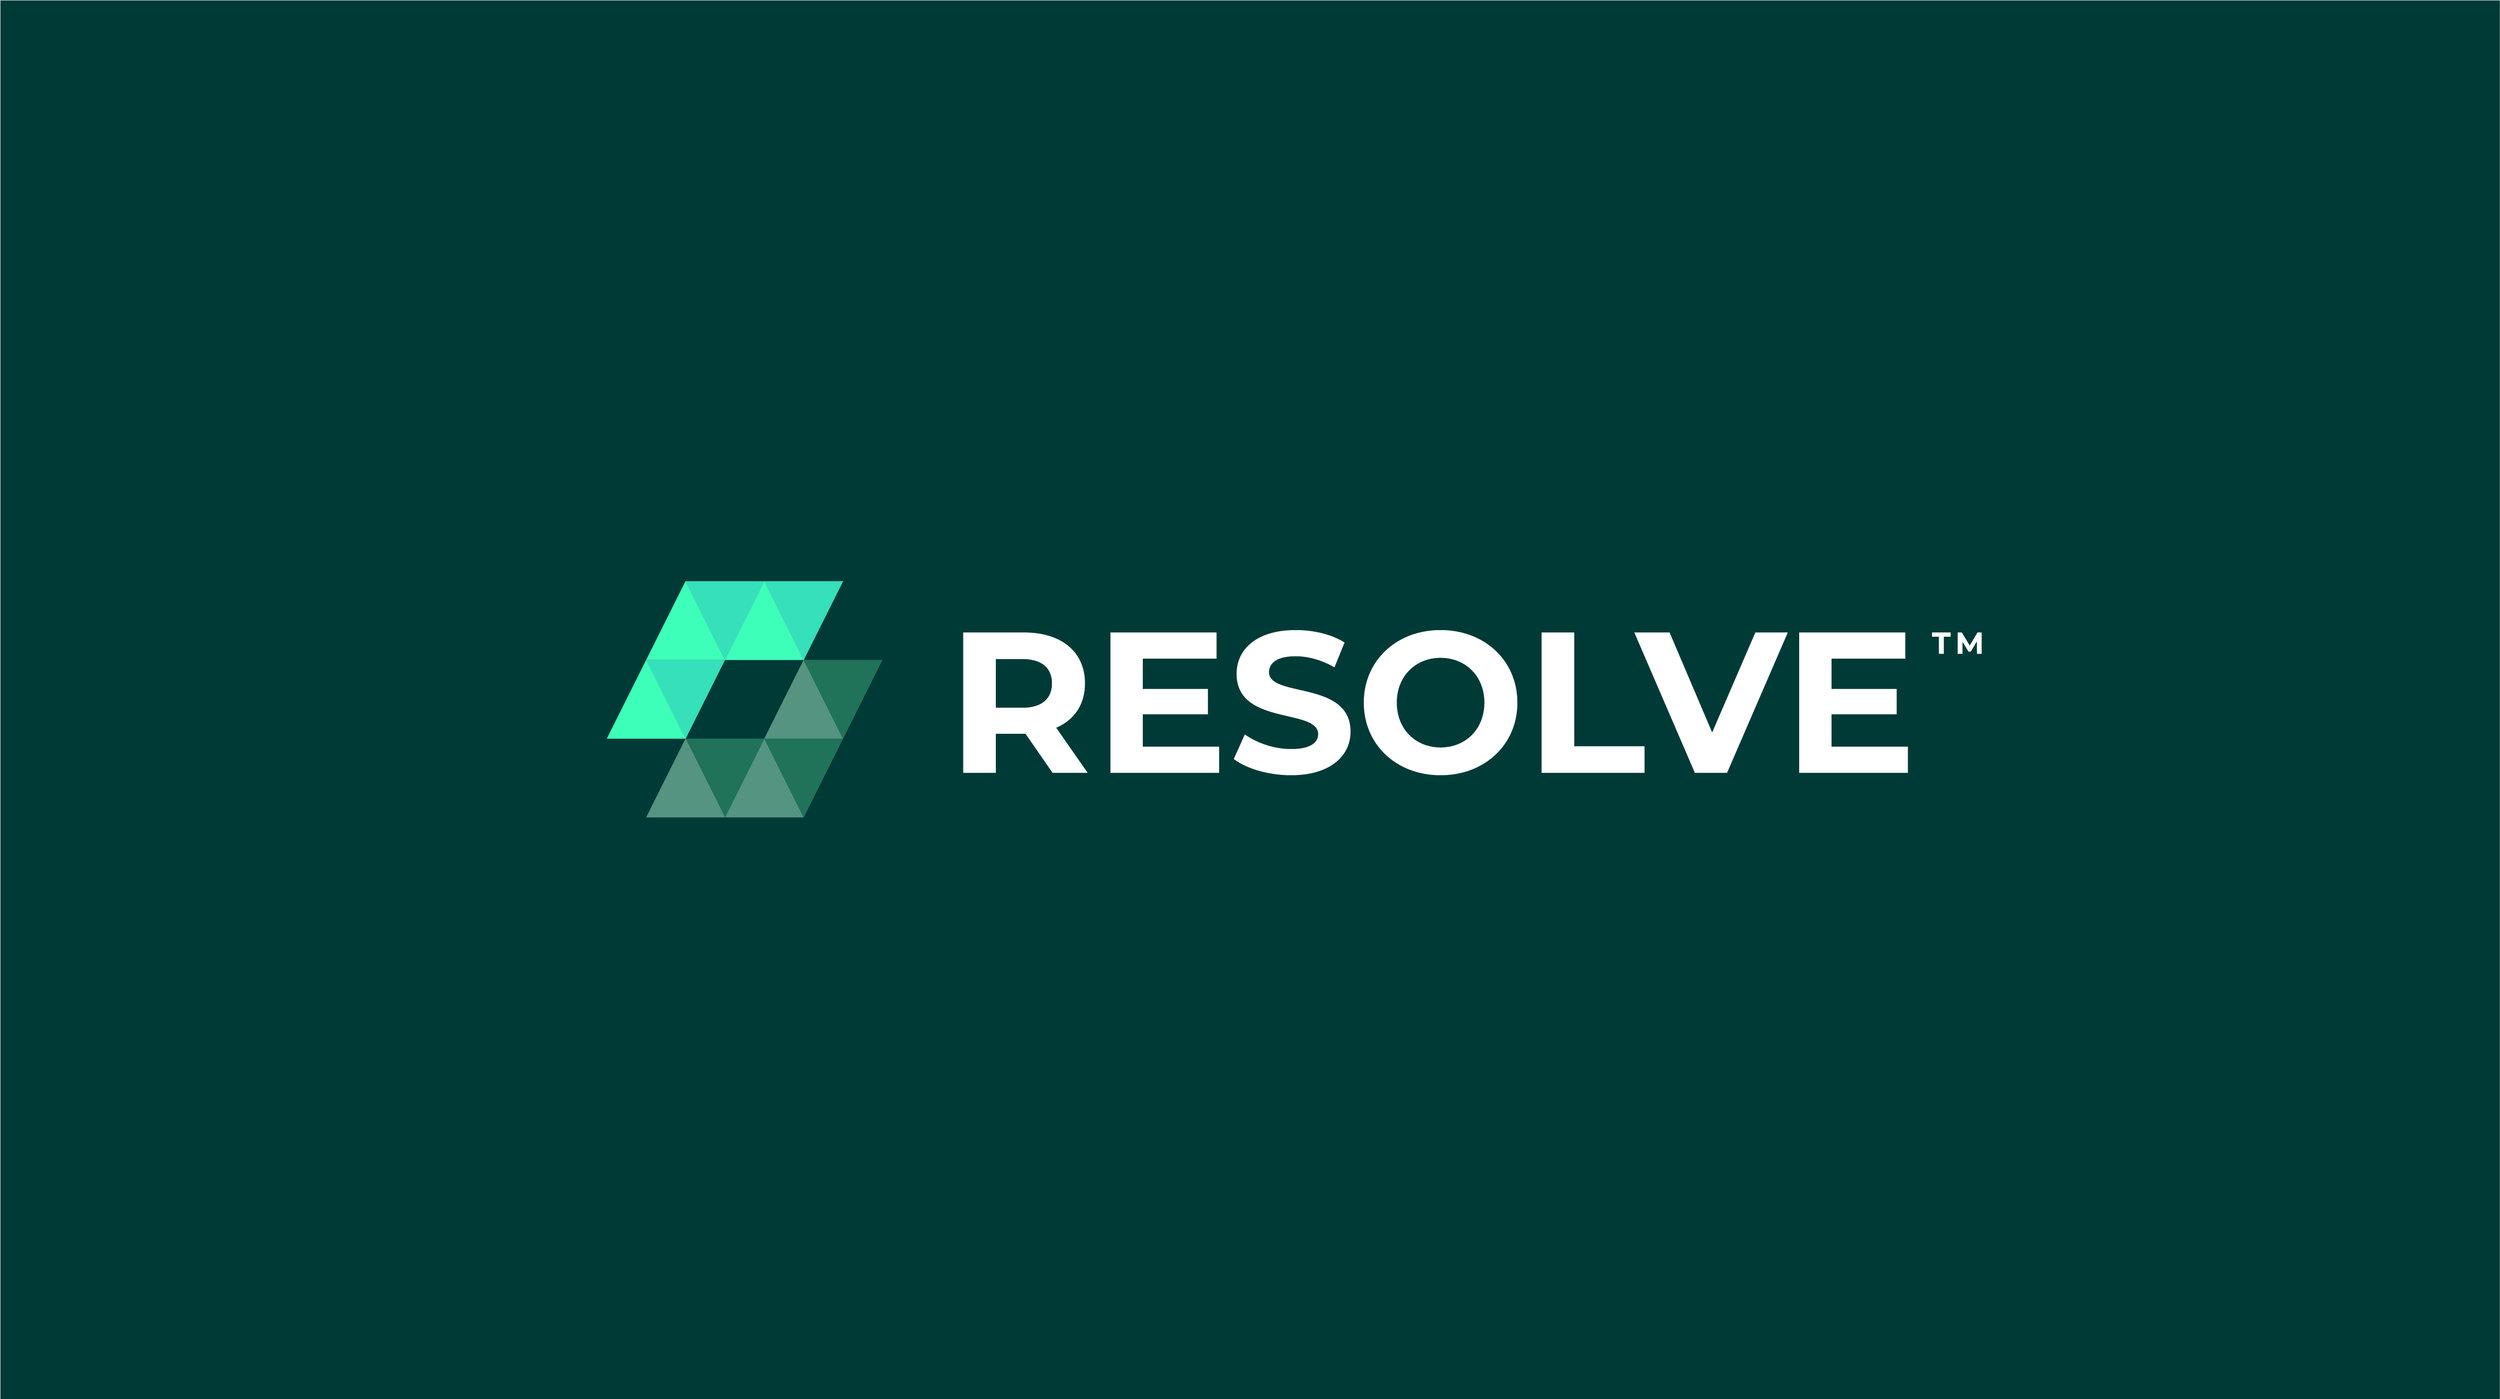 Resolve-Branding-Mockups2_resolve-07.jpg